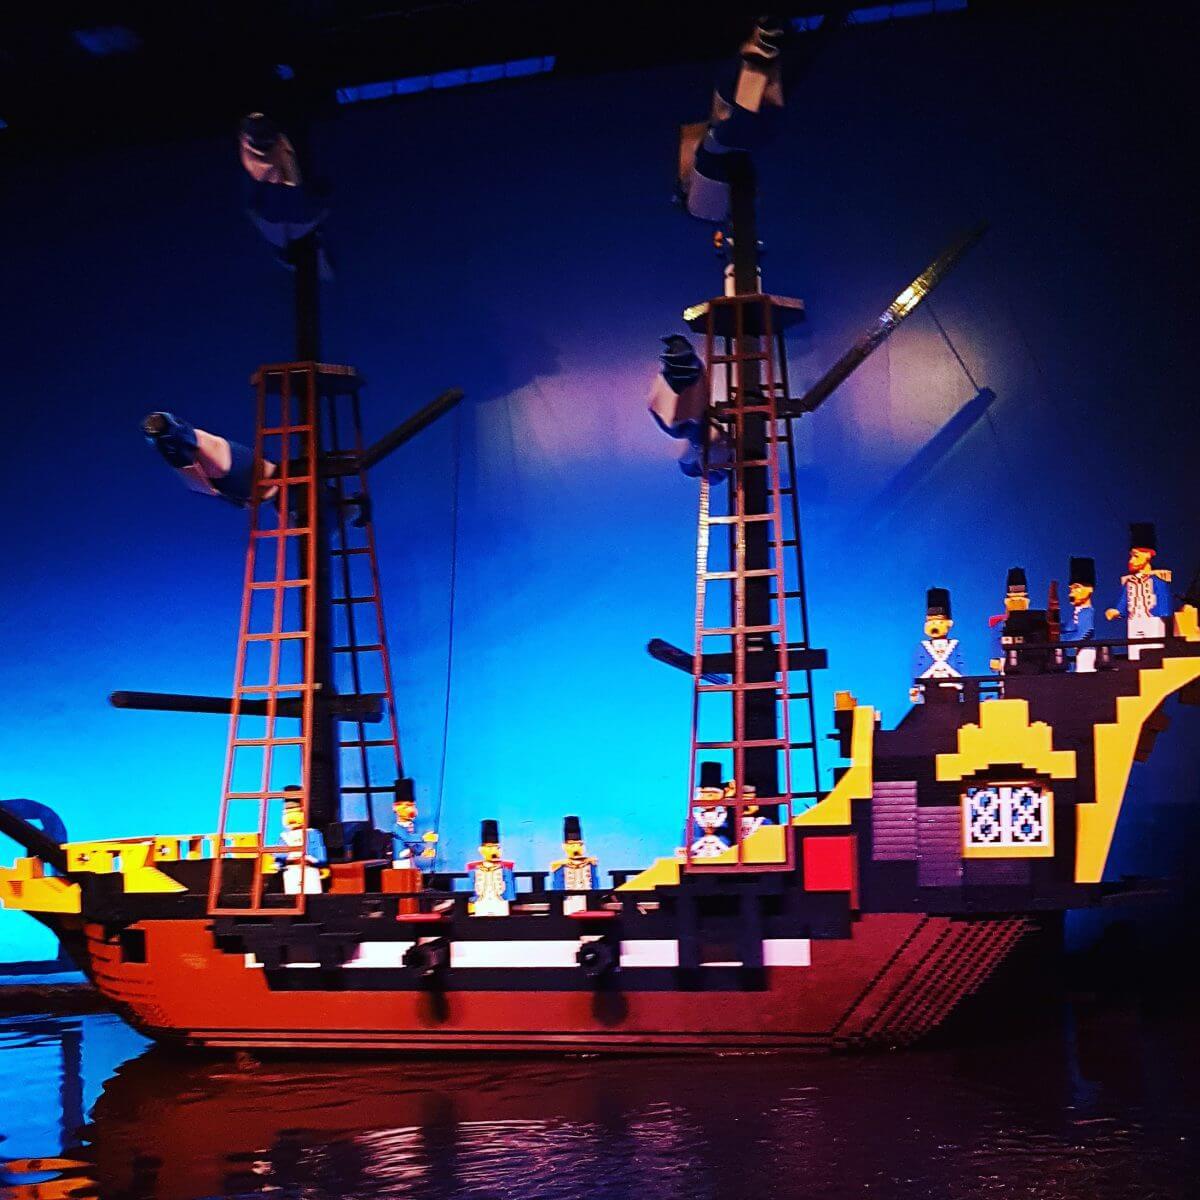 Legoland met kinderen: alles wat je wil weten, Pirate Land #leukmetkids #legoland #Denemarken #kinderen